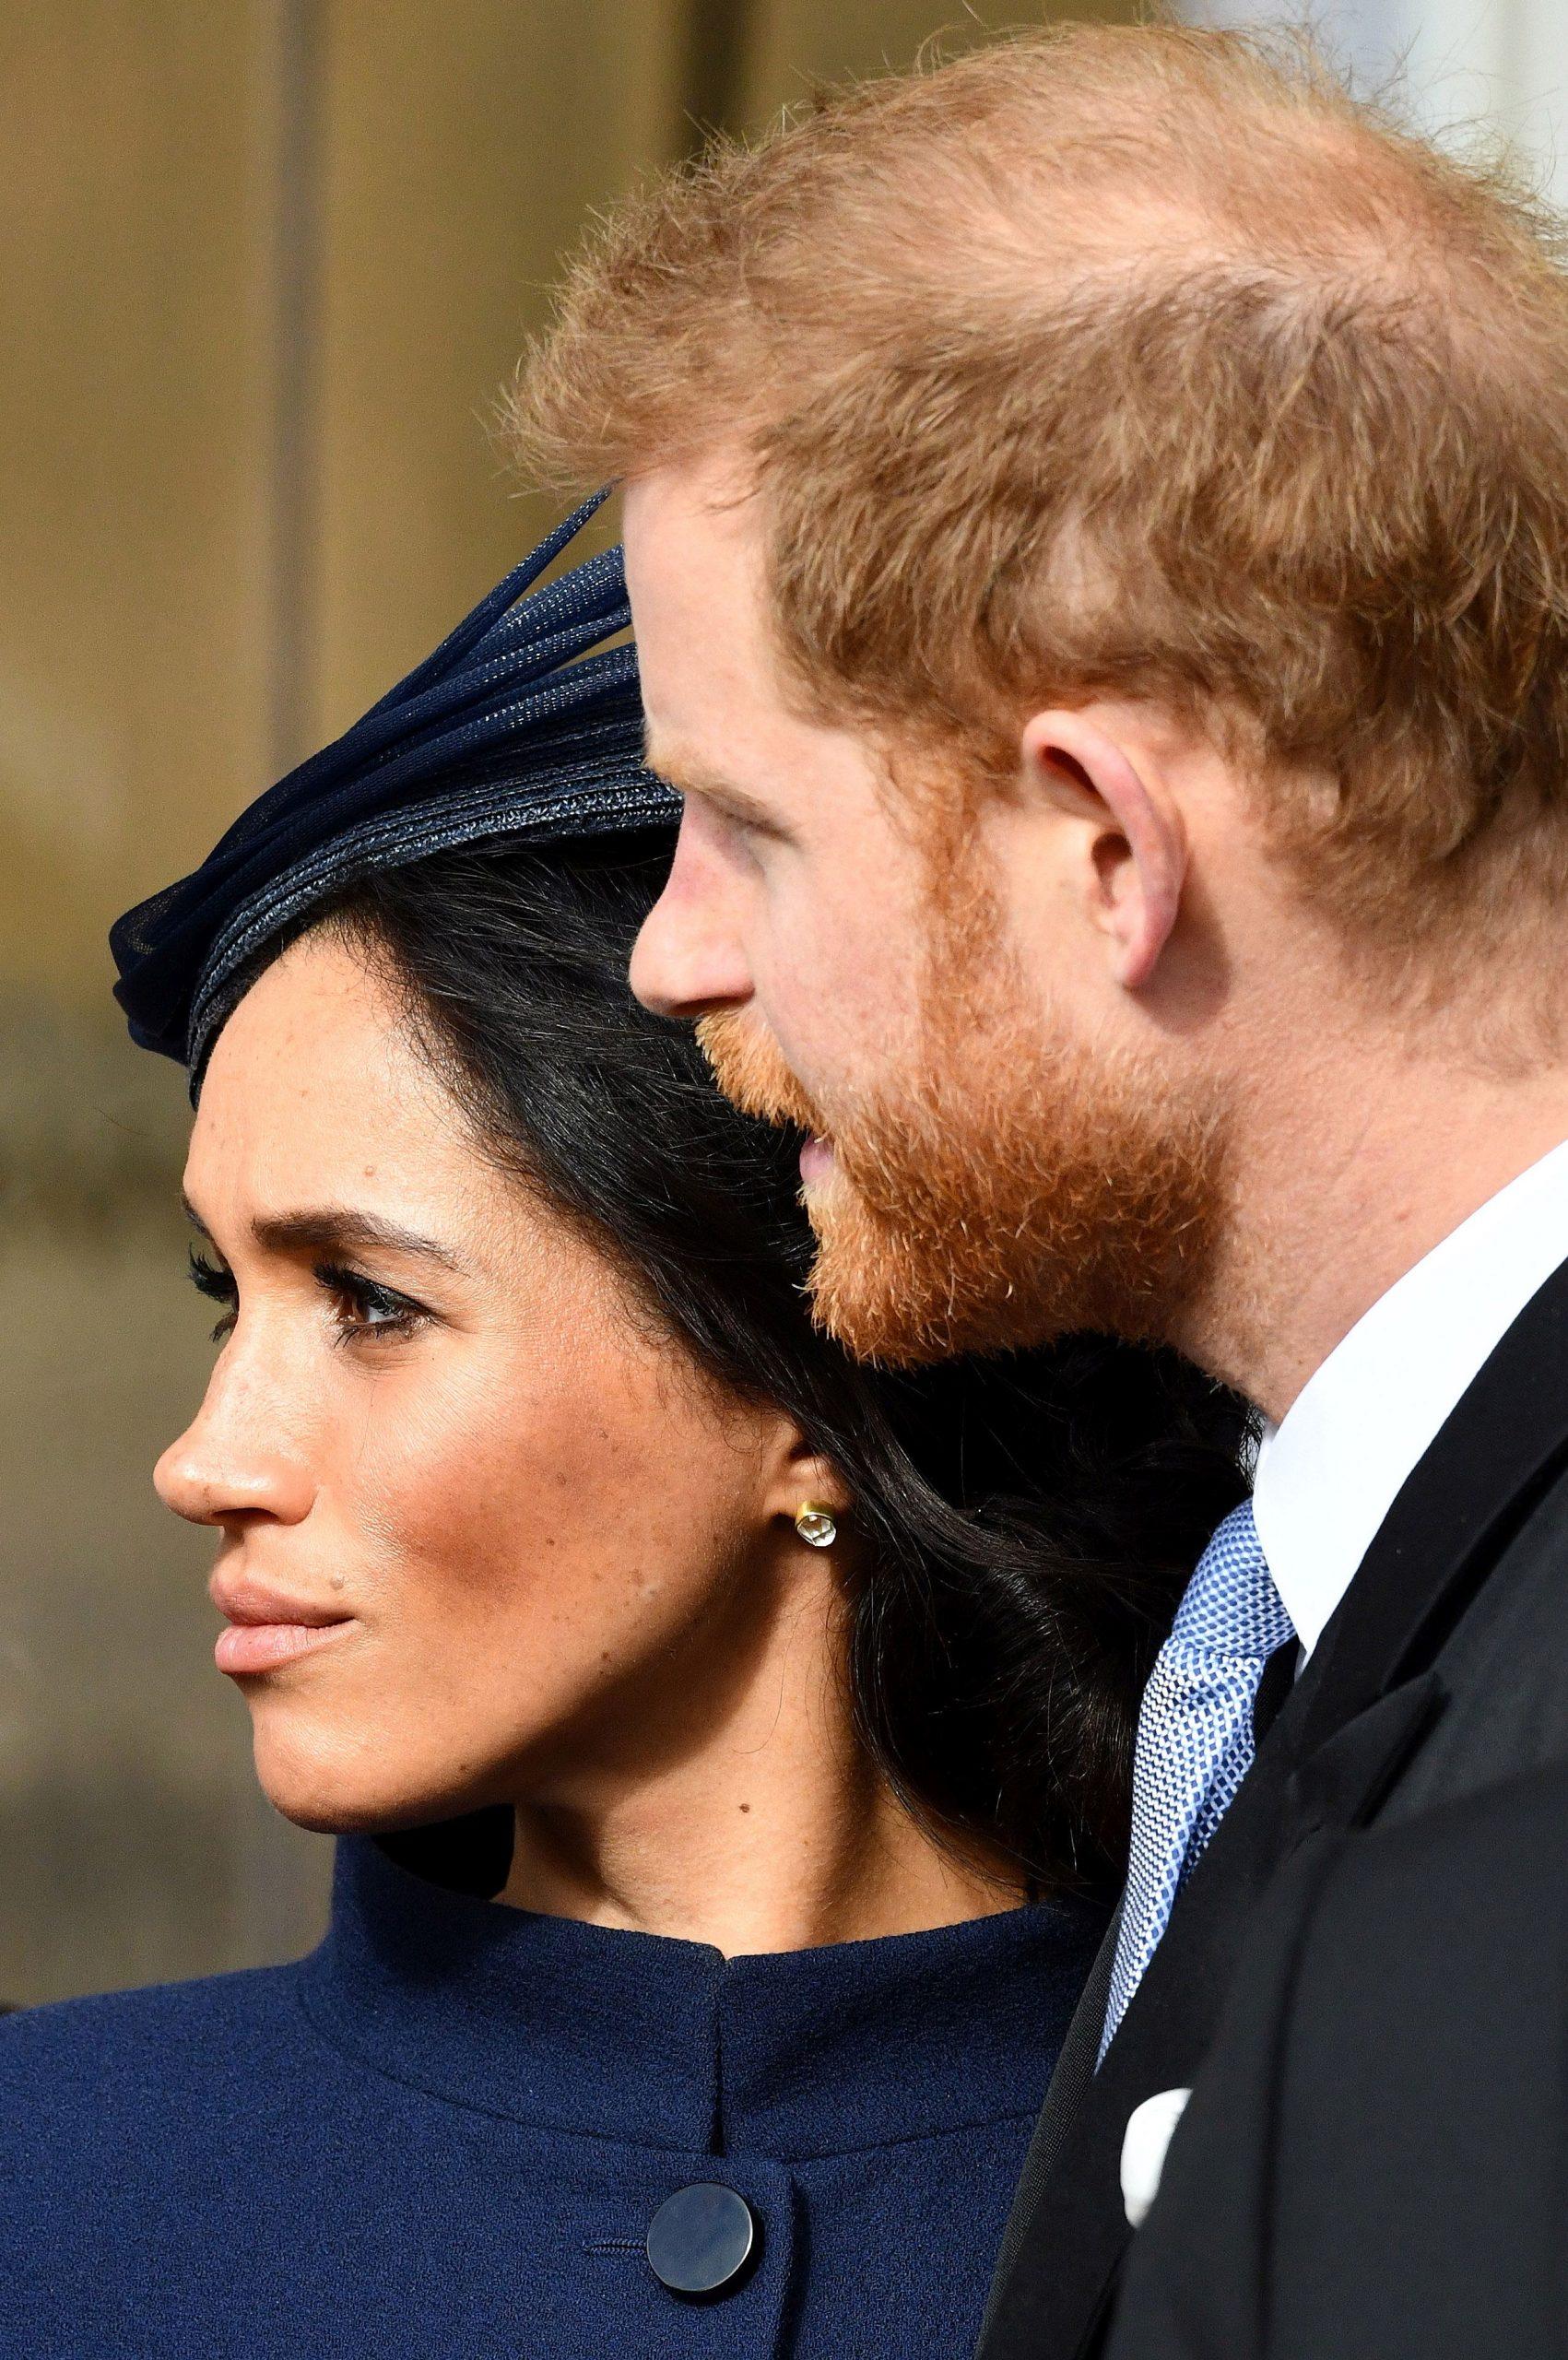 Meghan Markle si printul Harry asteapta primul copil. Ducesa de Sussex va deveni mama in primavara lui 2019